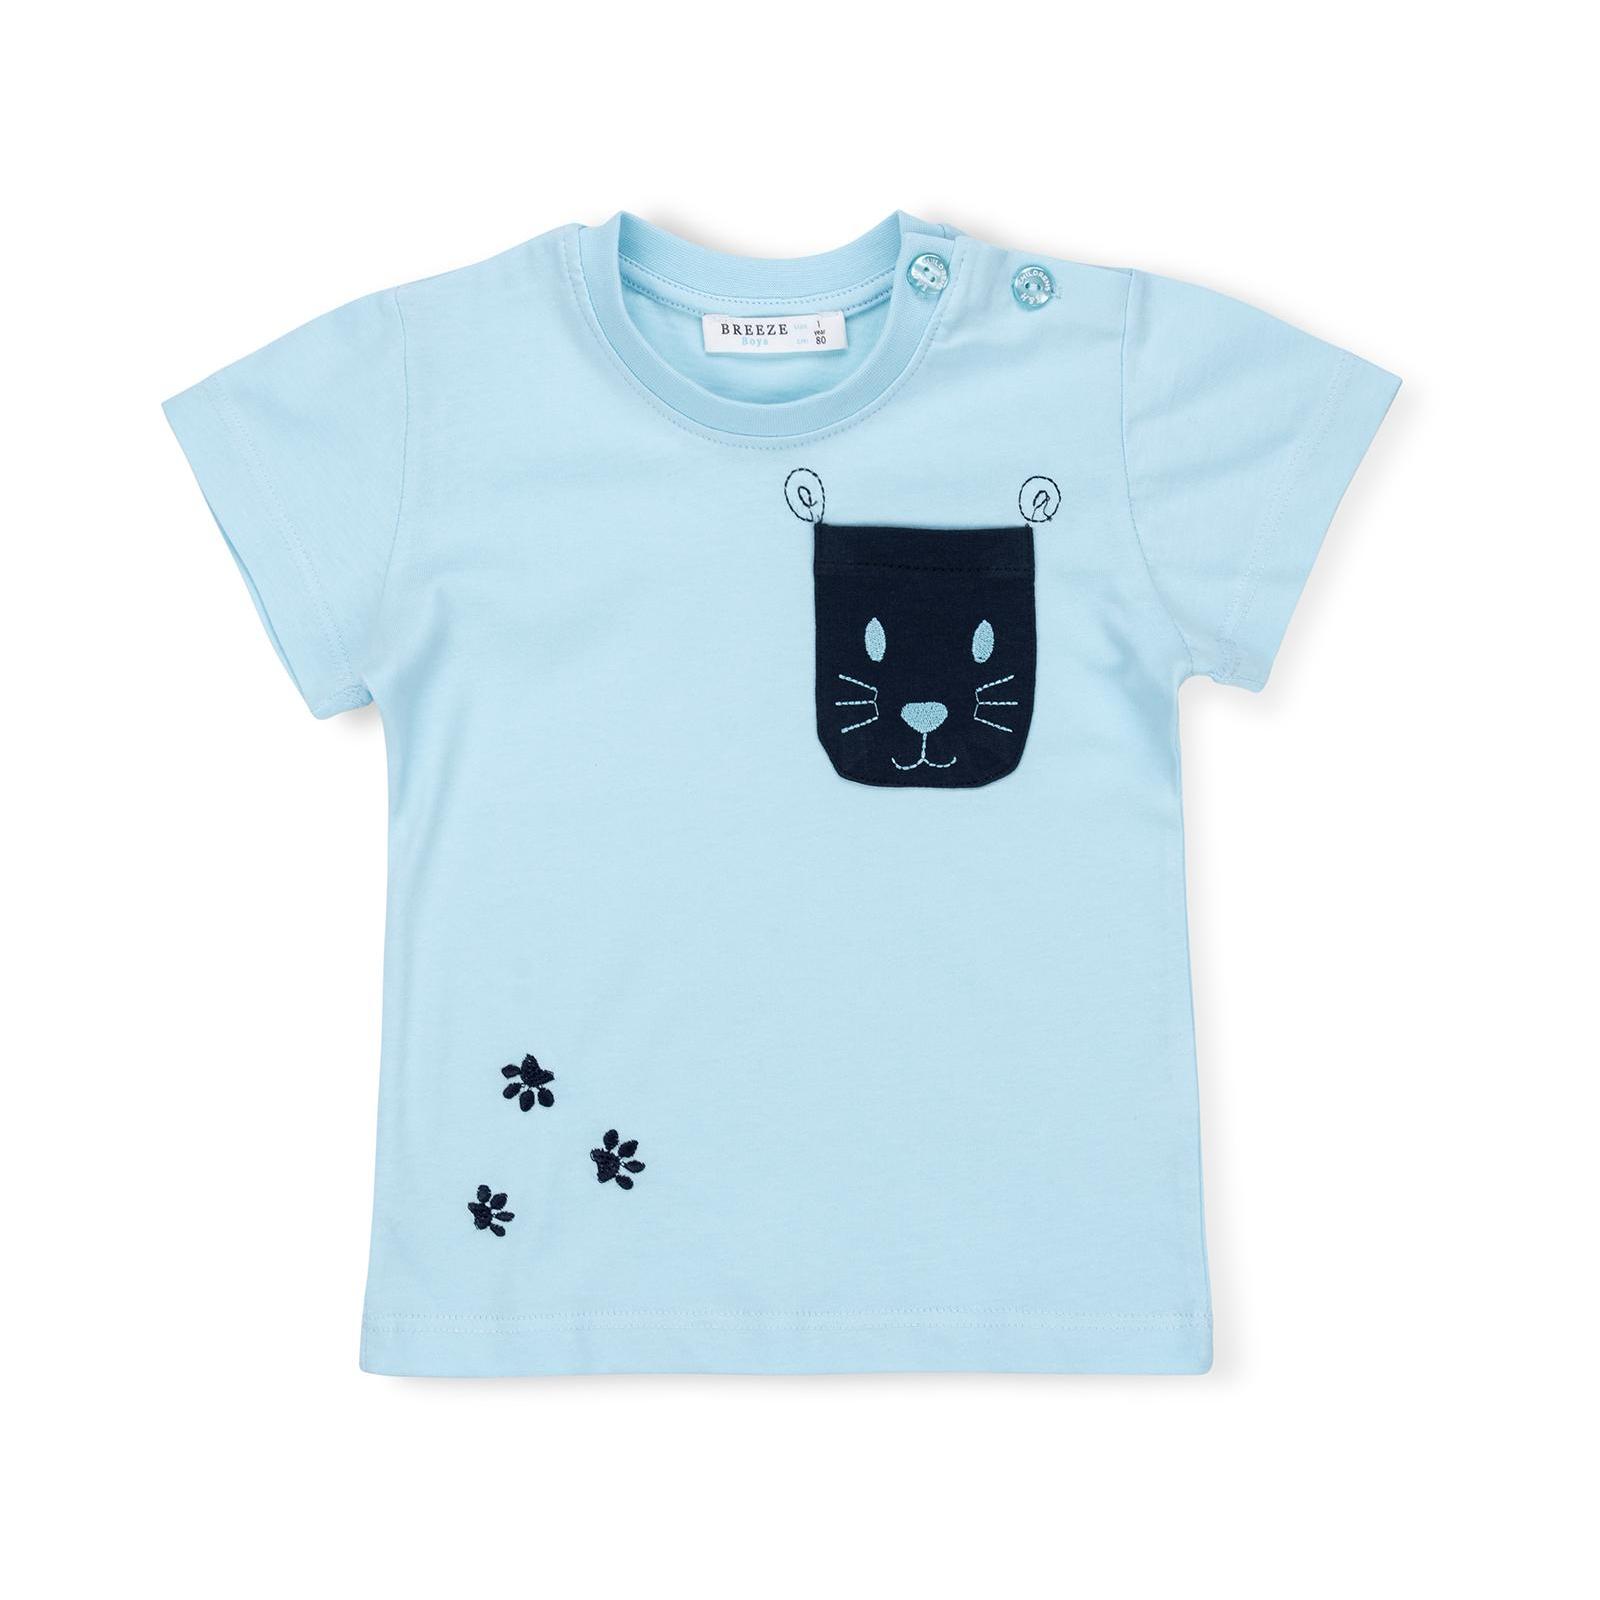 Набор детской одежды Breeze с карманчиками (10234-98G-blue) изображение 2